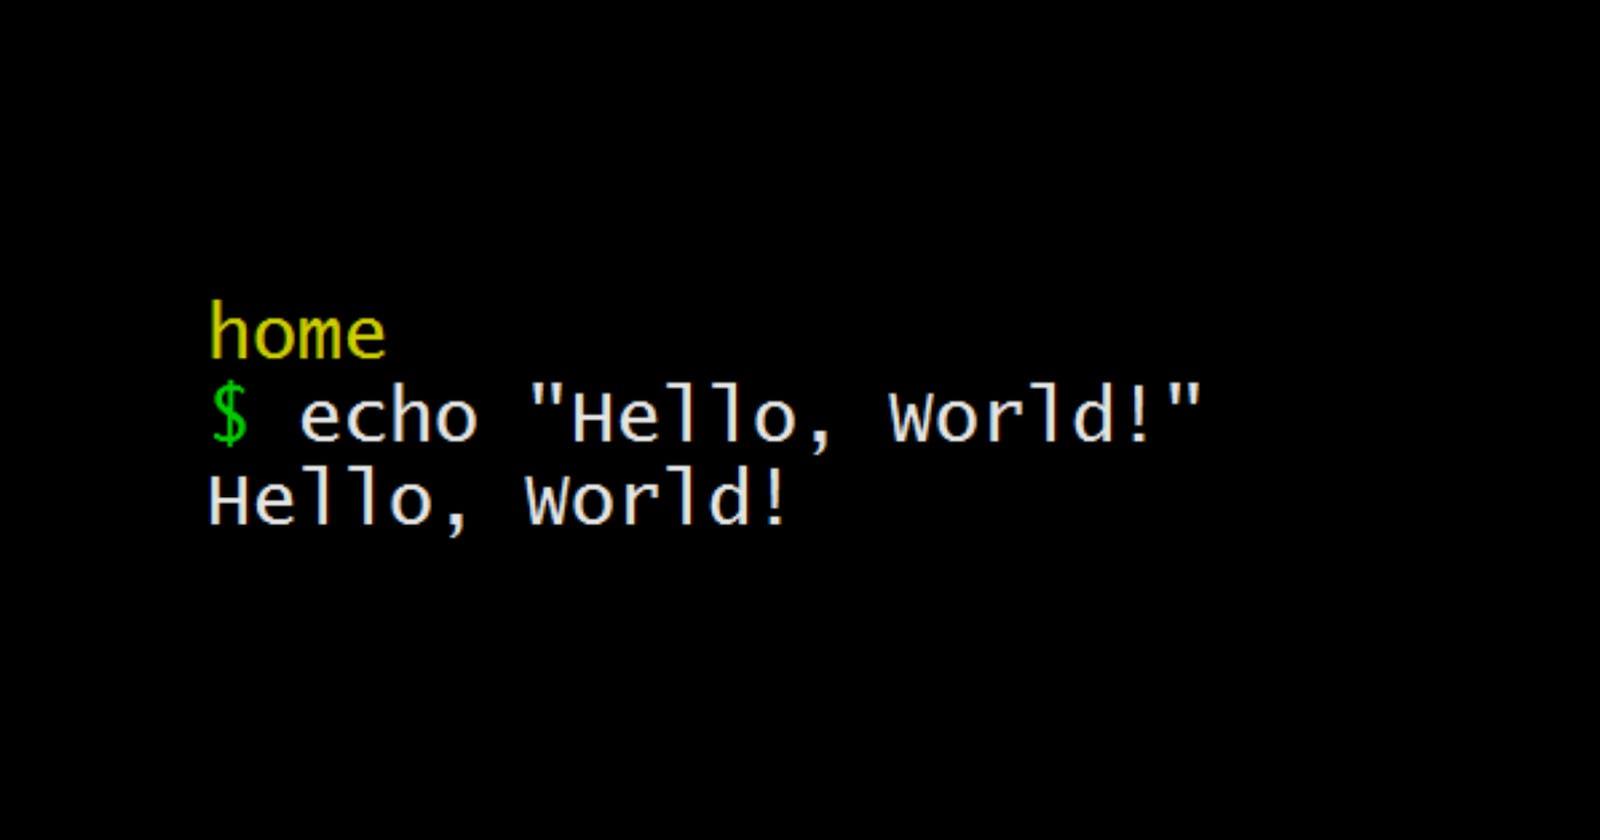 The Hello World Programs